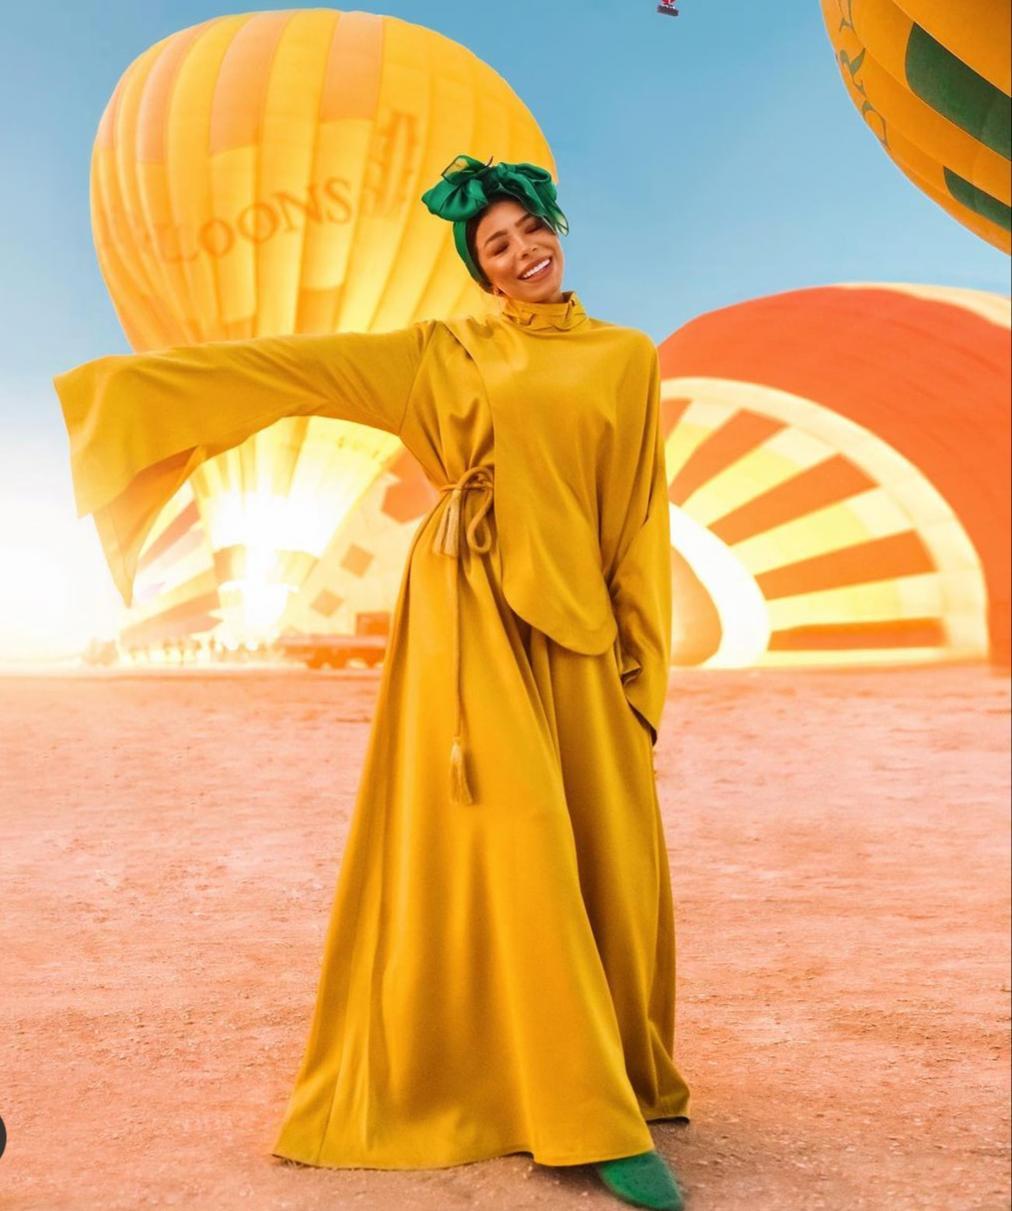 منة السني بفستان اصفر ناعم -الصورة من حسابها على الانستغرام